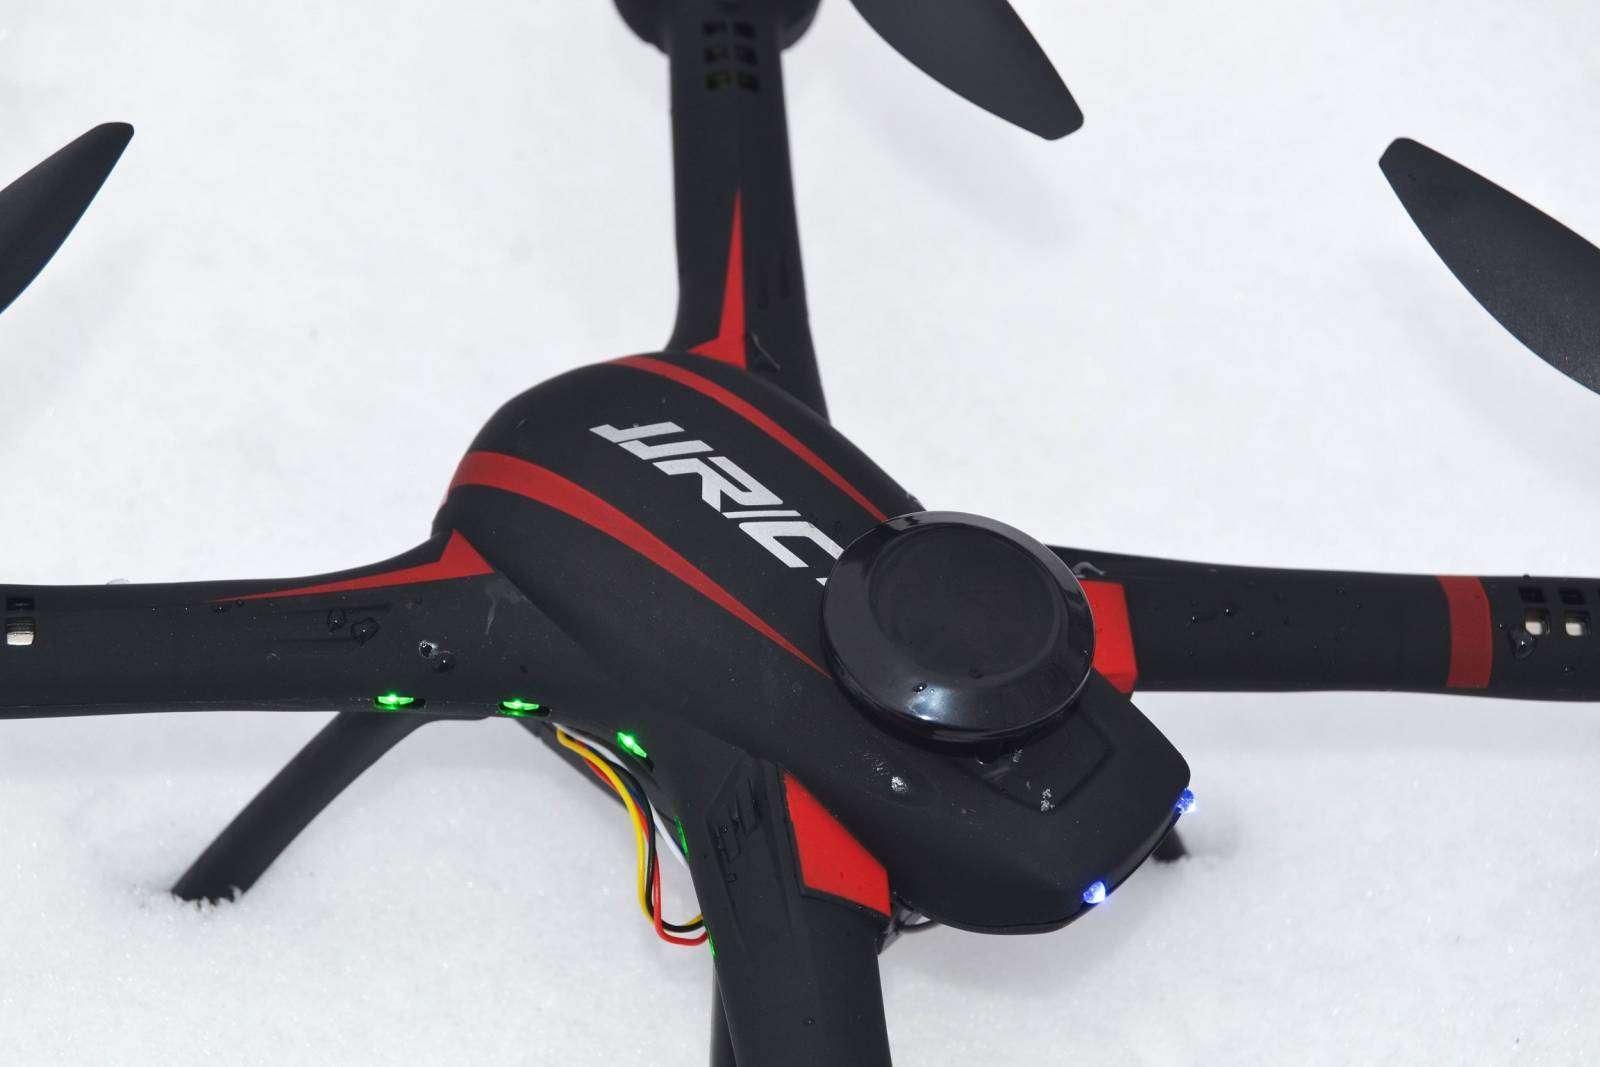 RCmoment: Квадрокоптер JJRC H11WH с FPV  - обзор от непрофессионального пользователя